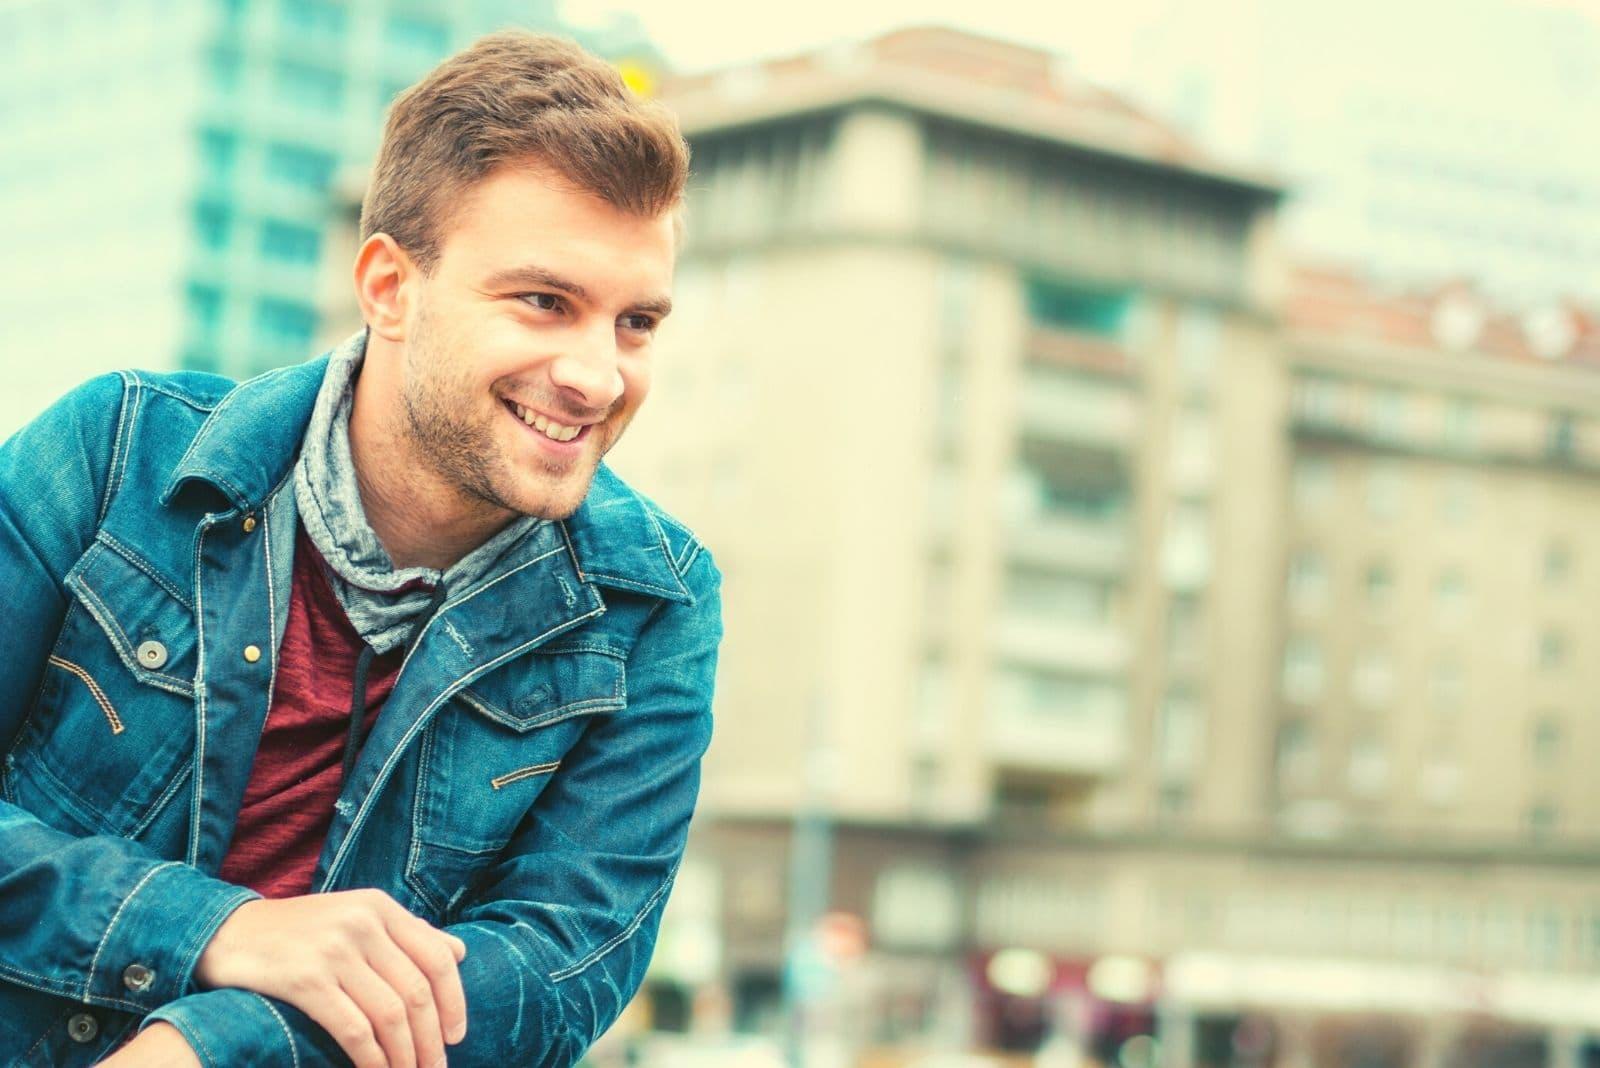 happy man smiling outdoors wearing denim jacket